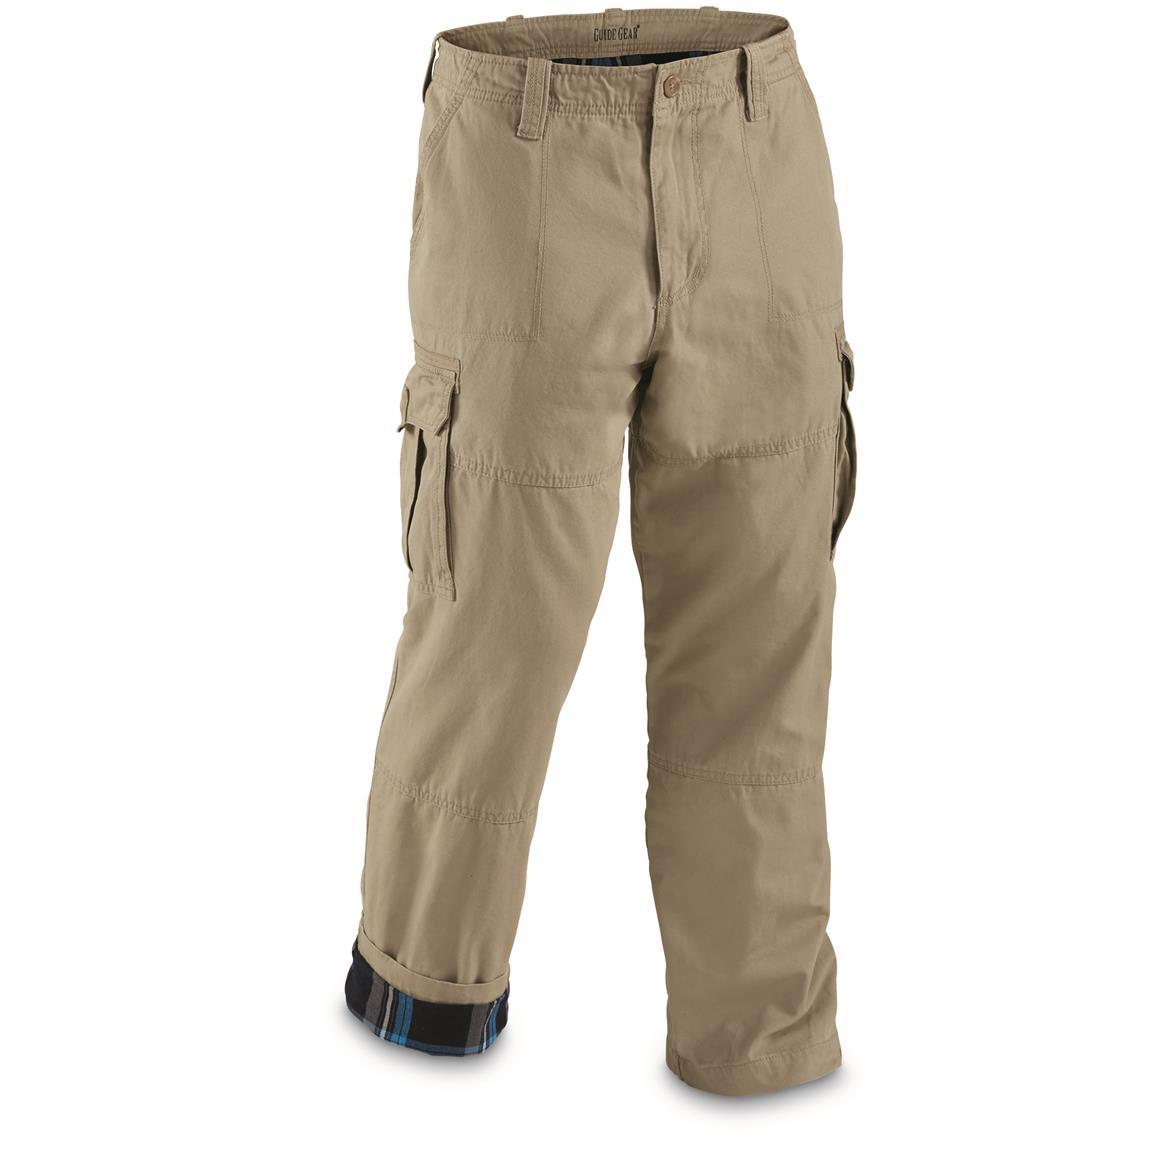 guide gear menu0027s flannel lined cargo pants, khaki - toasty-warm flannel bukrlmy